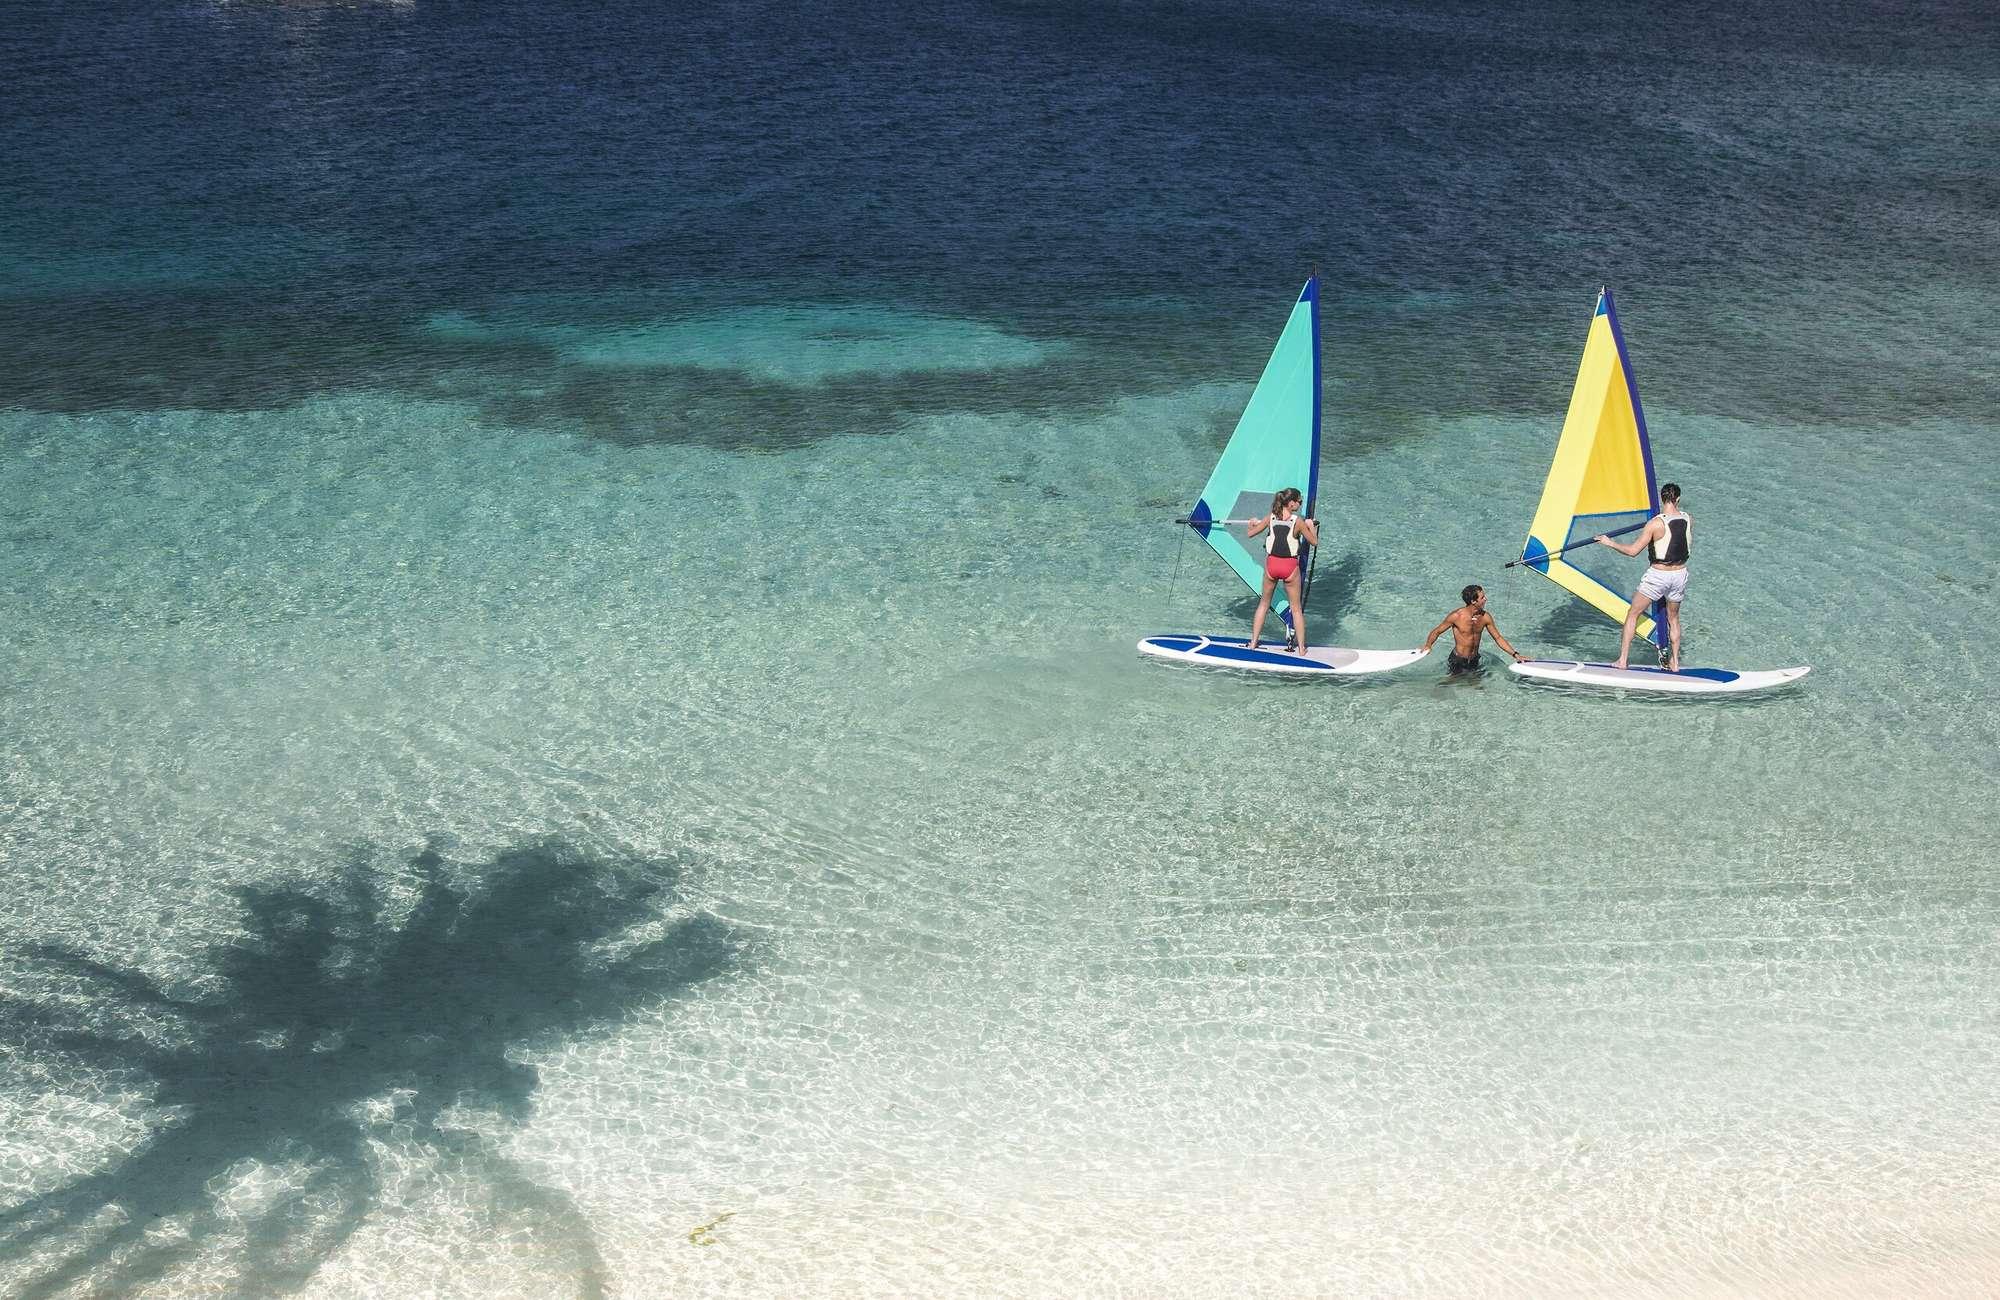 Windsurfing on Caribbean Sea